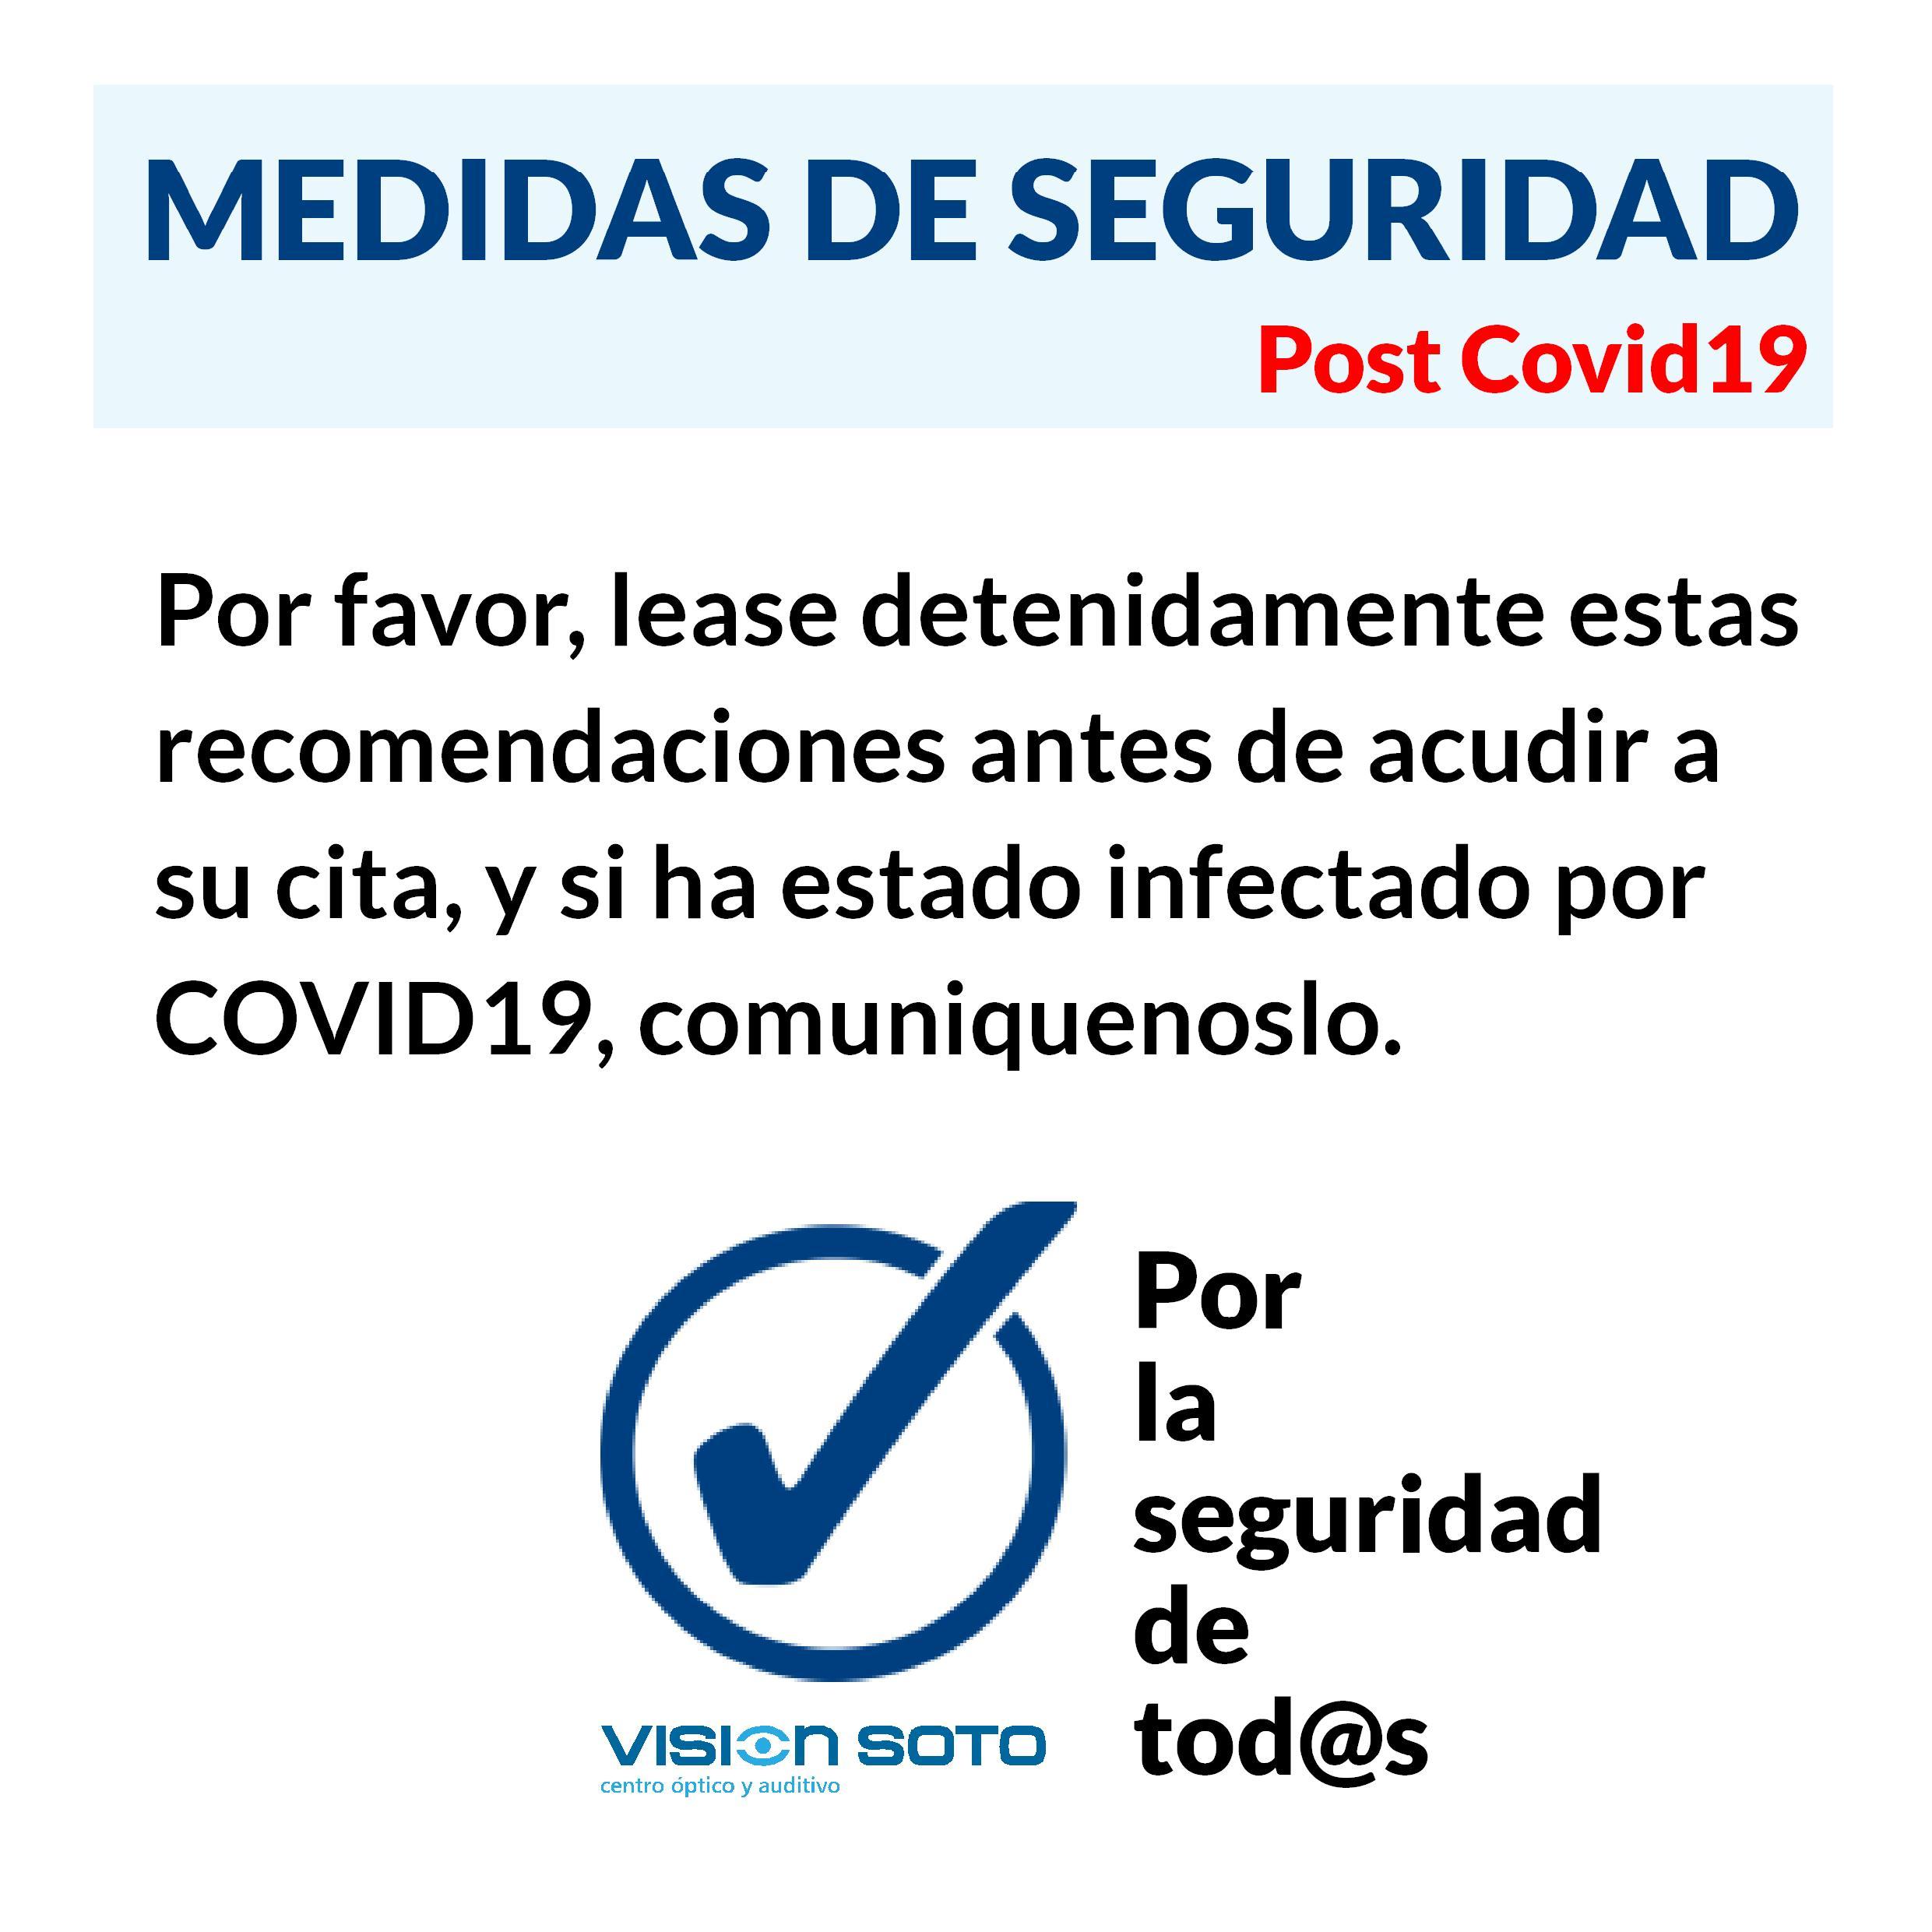 PROTOCOLO DE SEGURIDAD: Por la seguridad de tod@s.